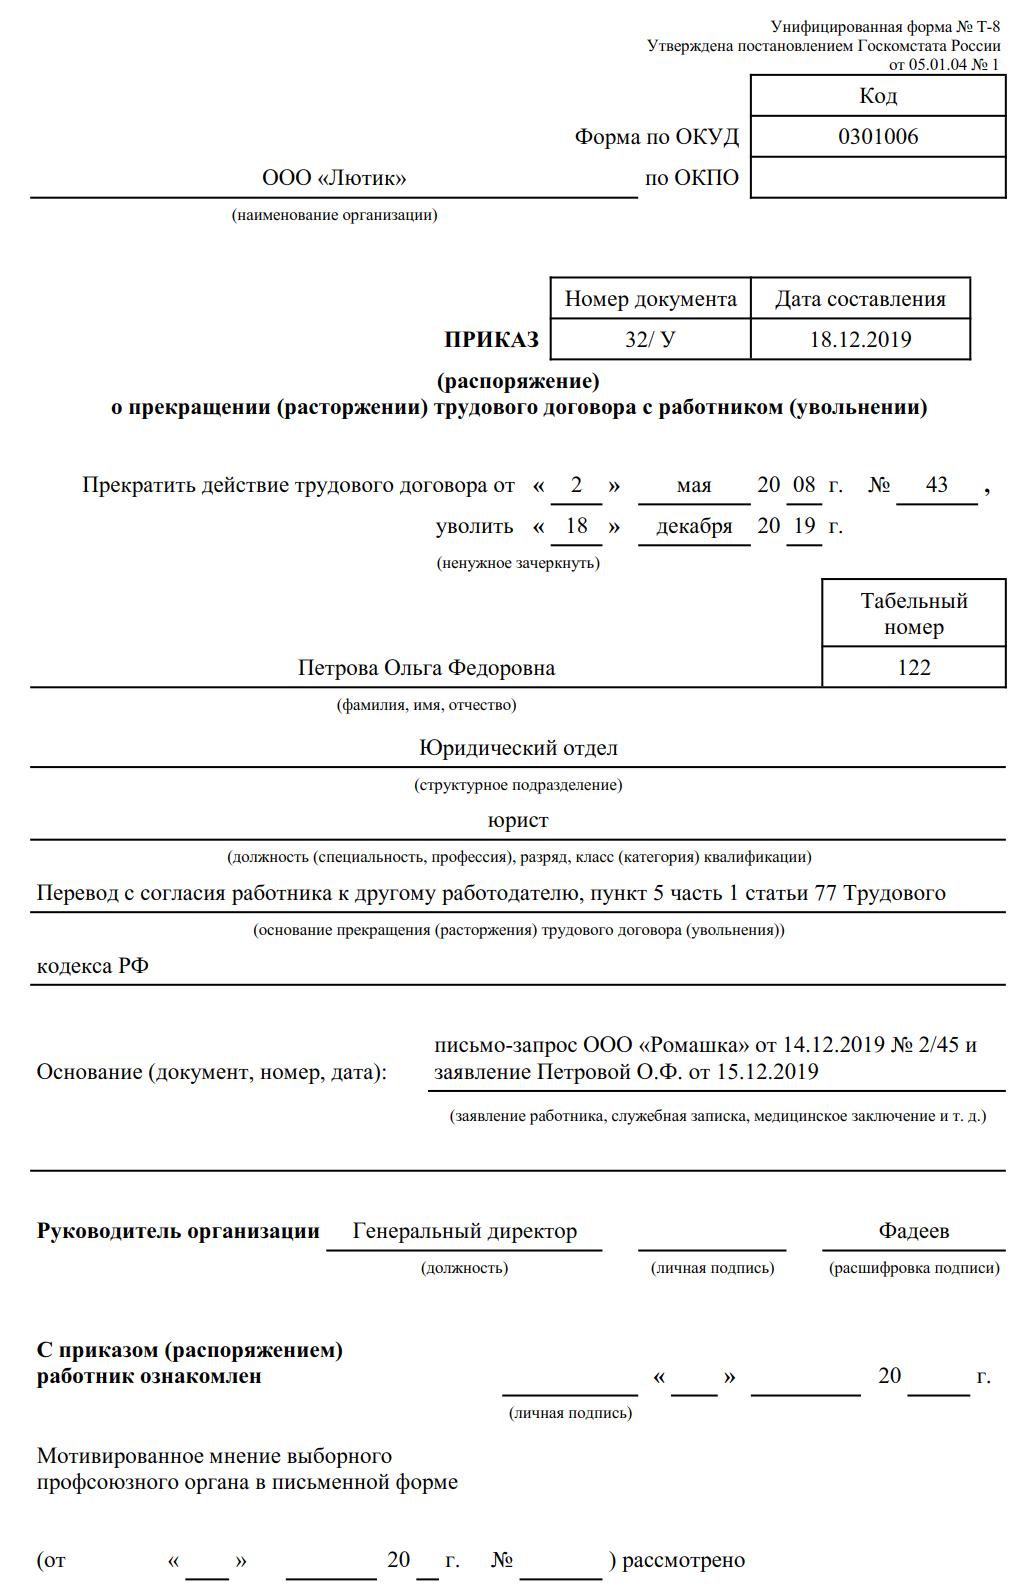 Предоставление убежища для граждан украины в 2017 году